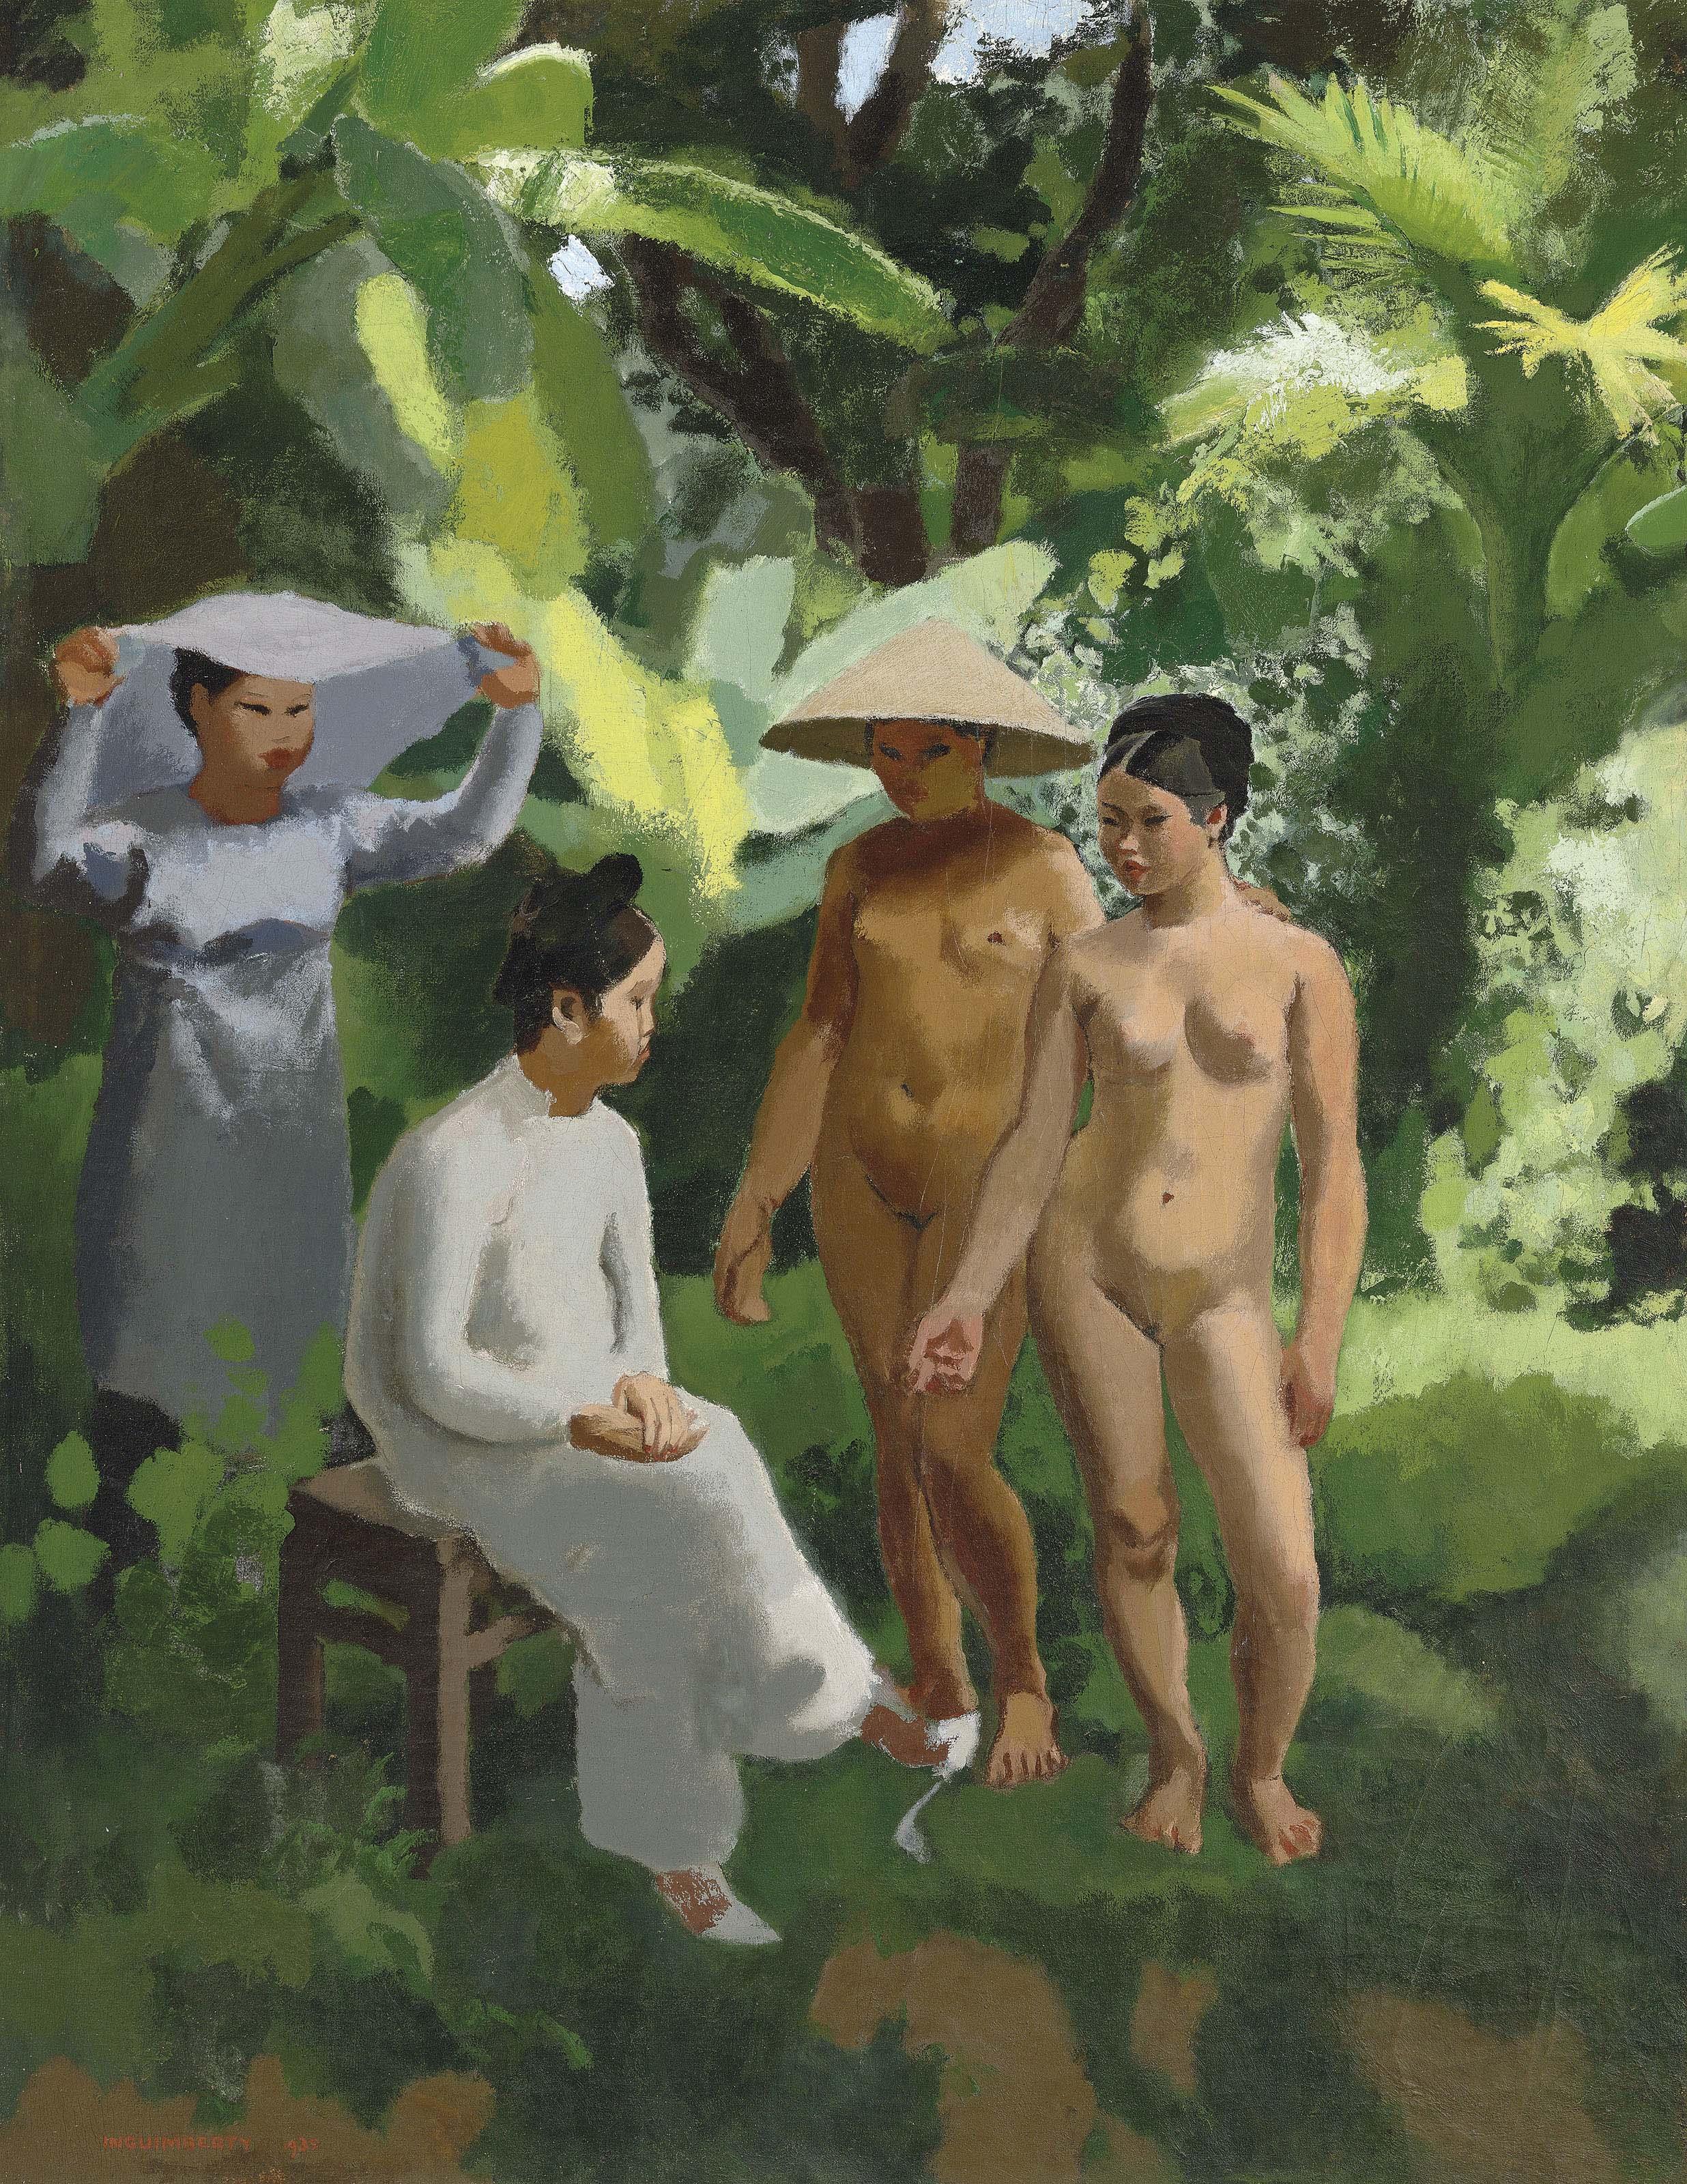 Femmes Vietnamiennes (Vietnamese women)